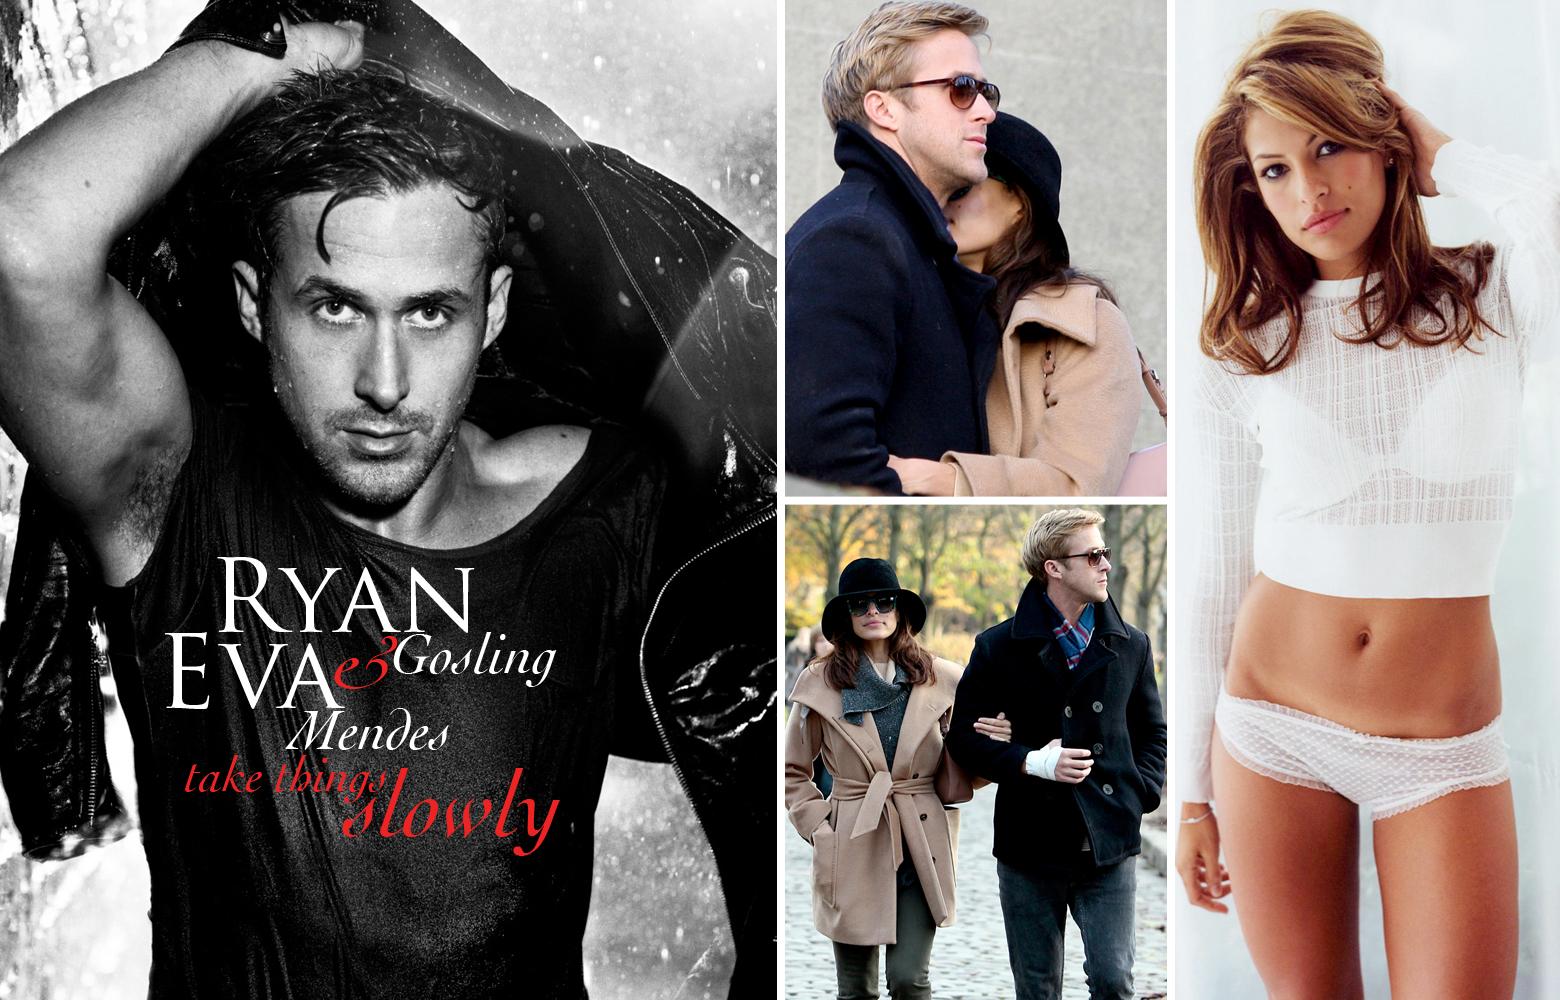 Ryan Gosling et Eva Mendes se sont rencontrés sur le tournage de The ...